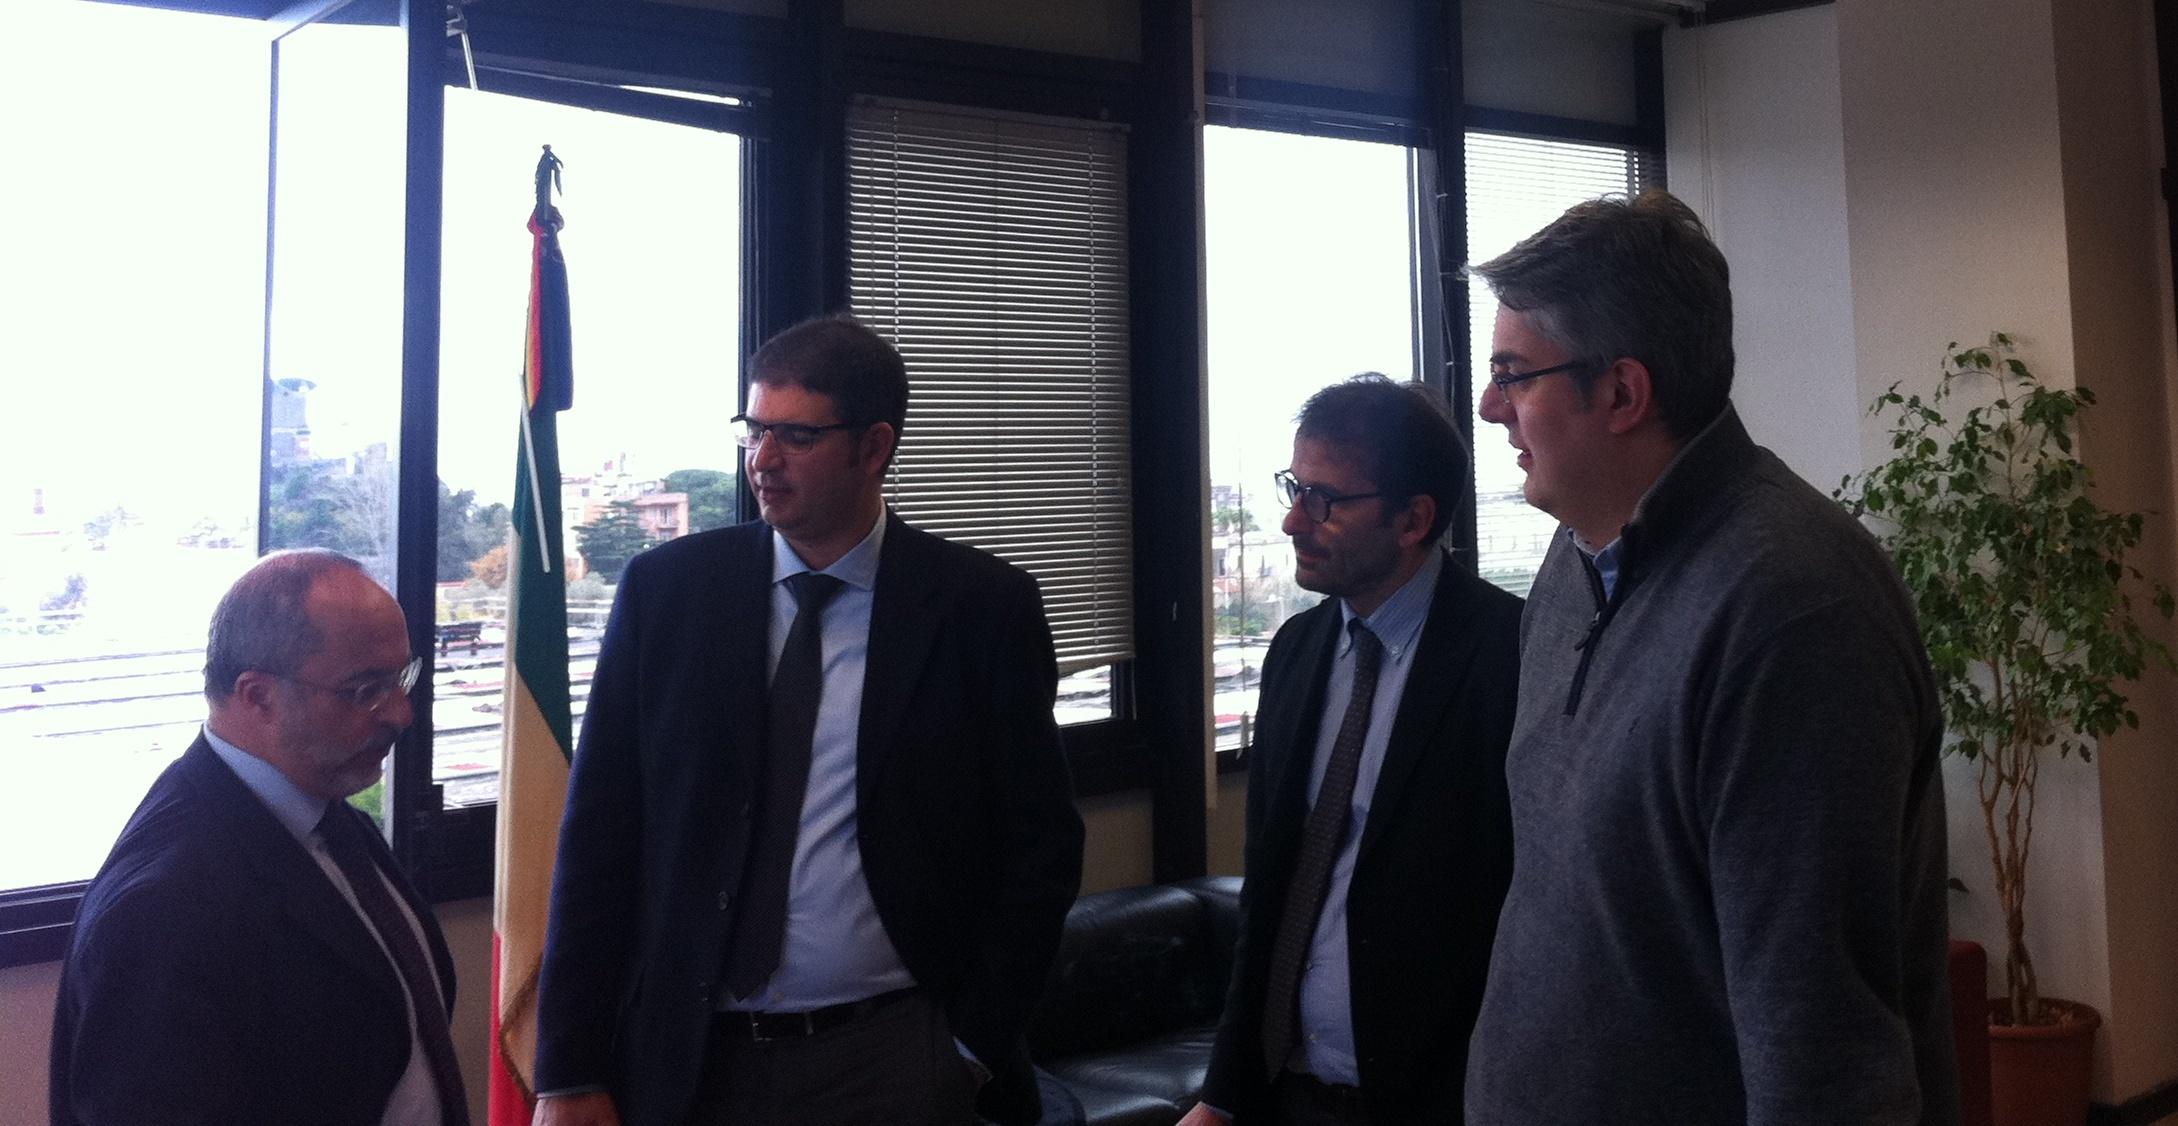 Riordino dei servizi sanitari locali. I Sindaci di San Giorgio e Portici incontrano il Commissario della Asl Na 3 Sud